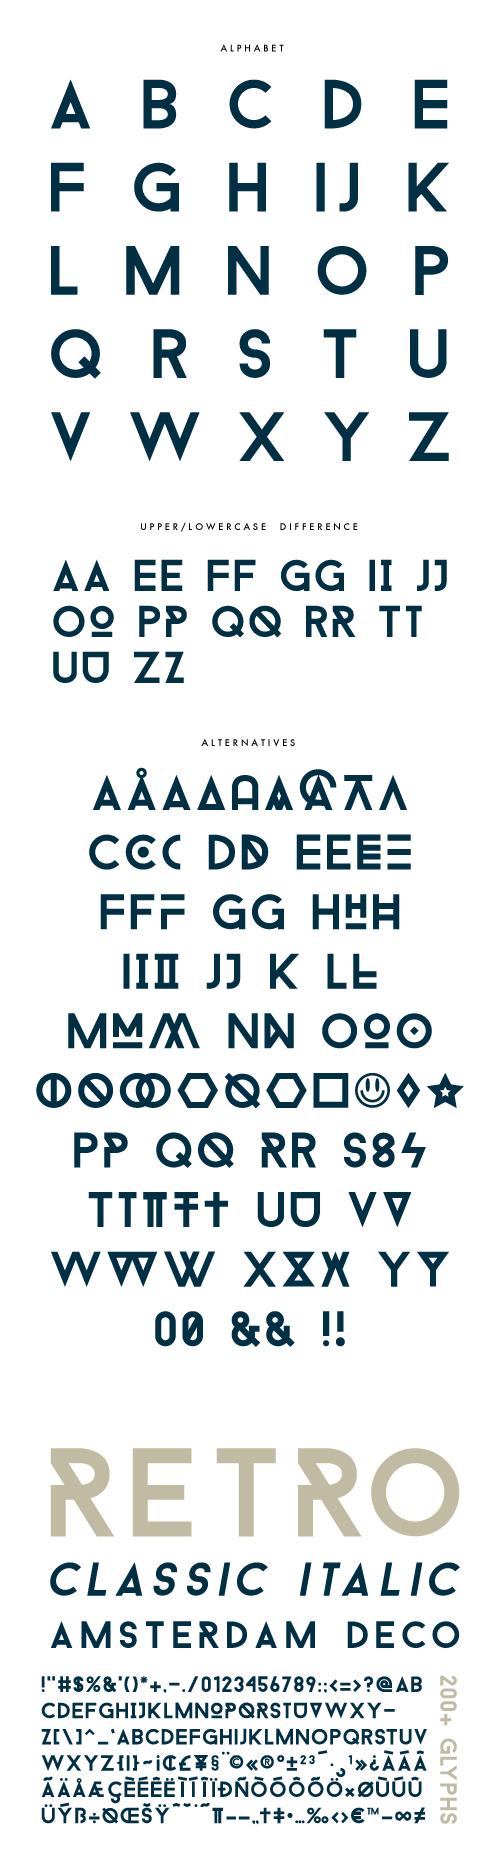 BARON-Free typefamily-02